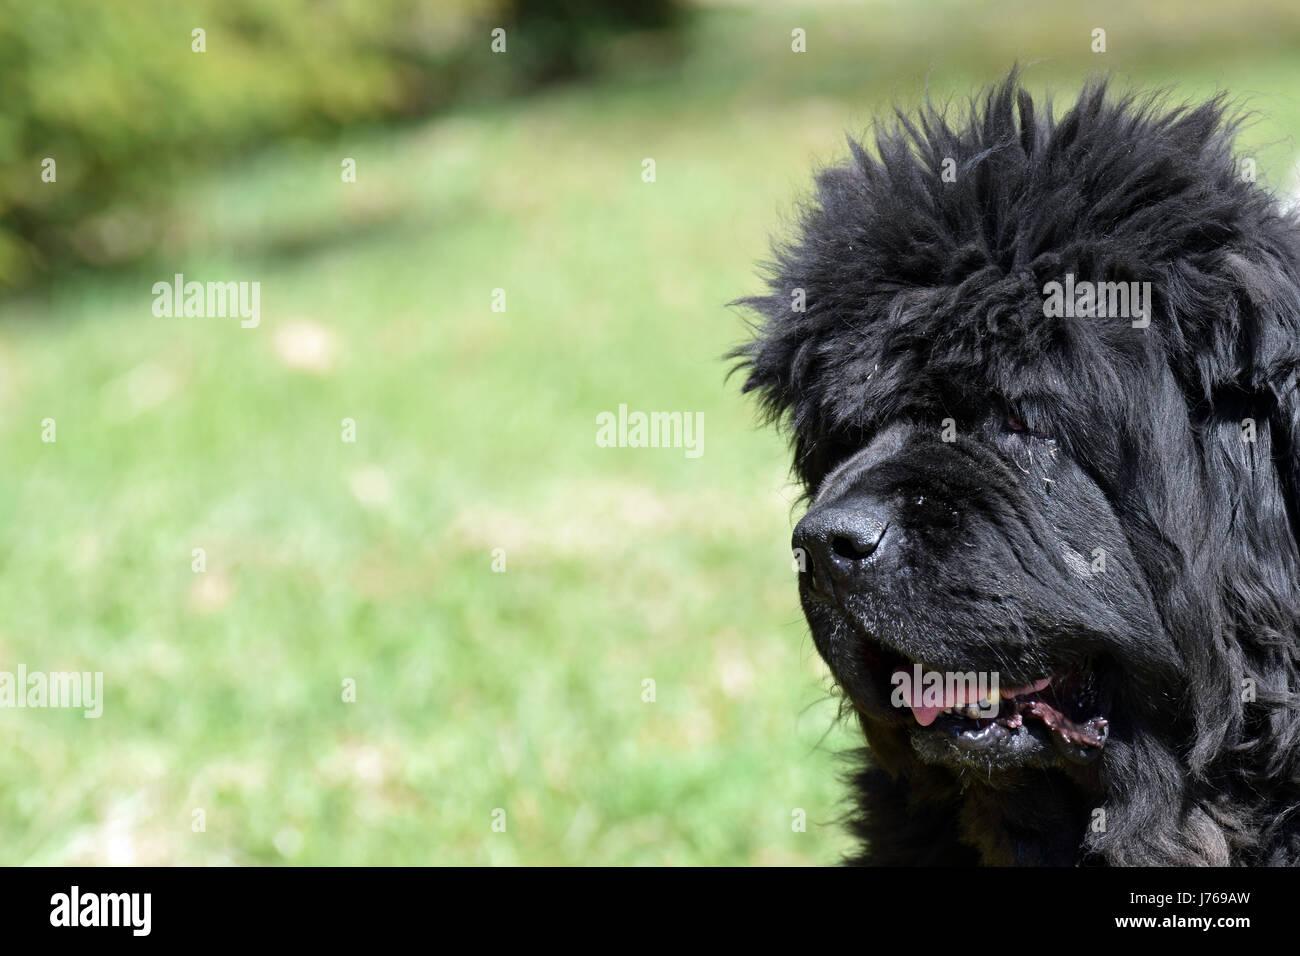 Old newfoundland dog outdoors - Stock Image